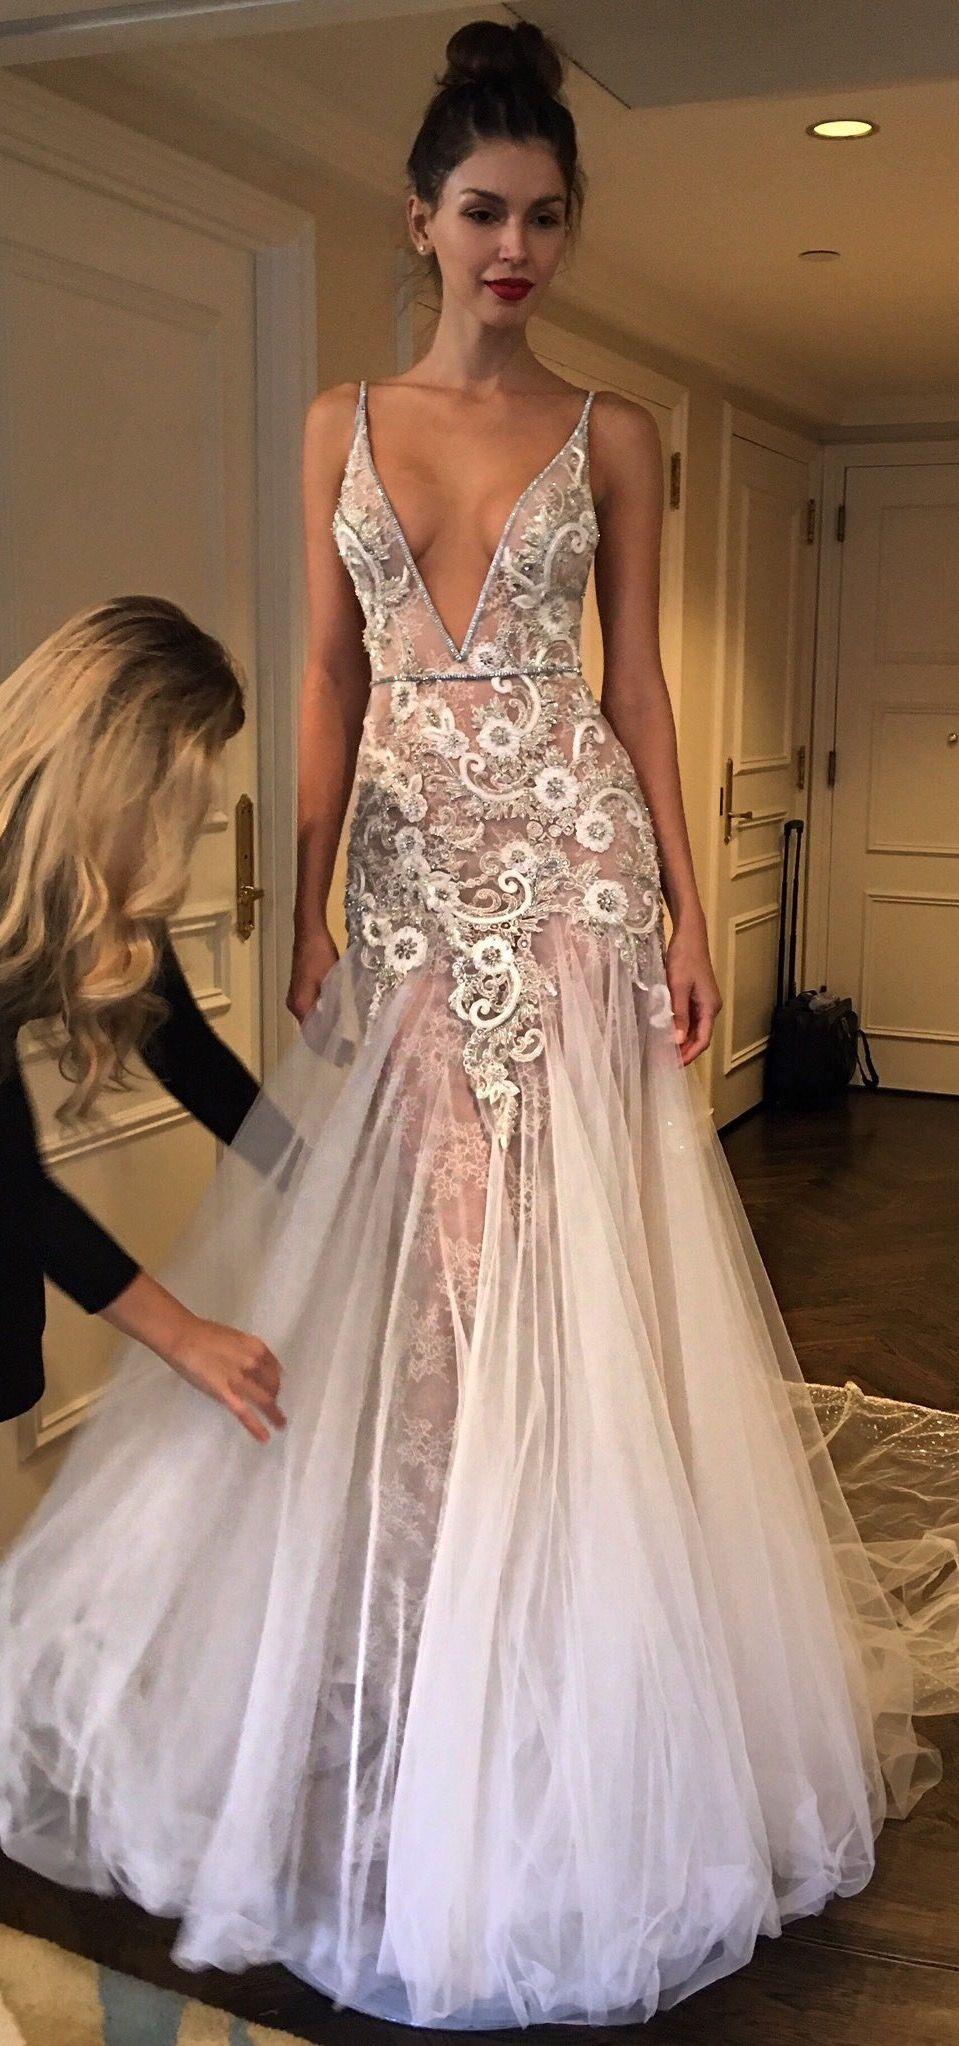 BERTA beauty getting the royal treatment ❤ #BERTA 2017